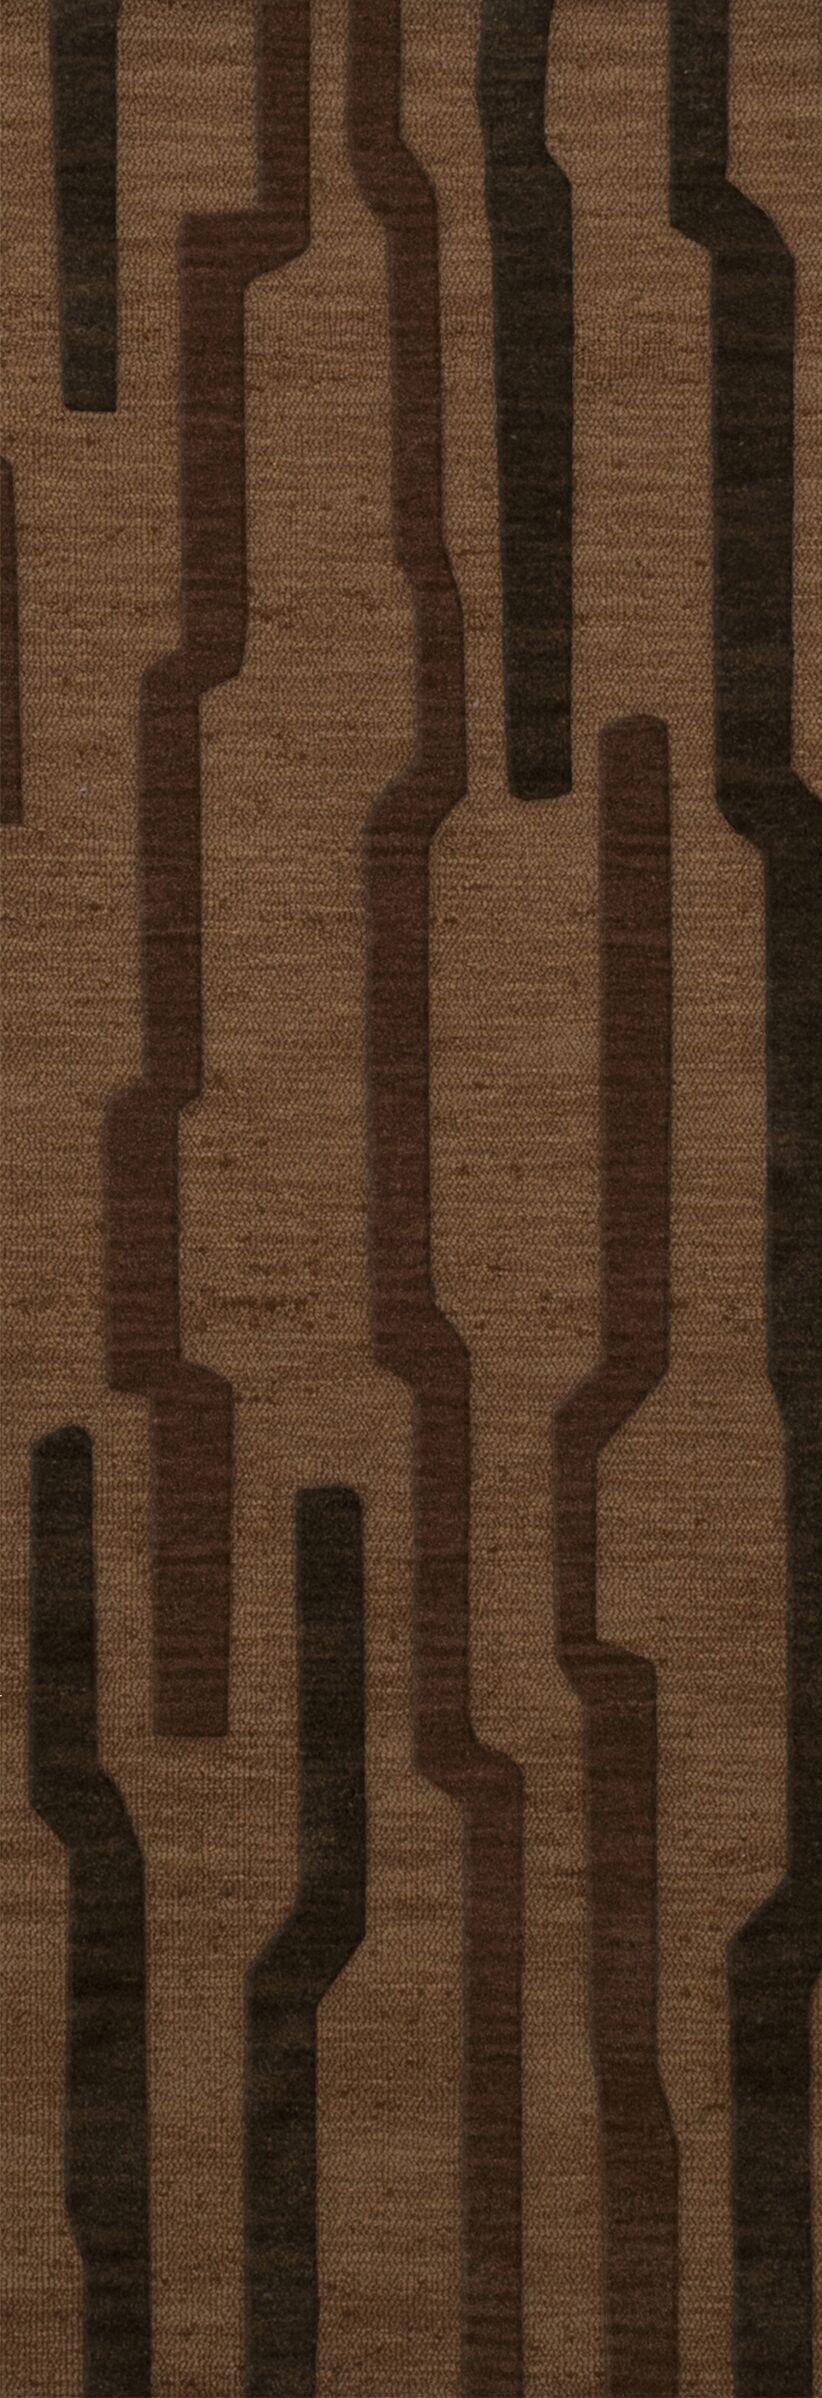 Hartranft Wool Clove Area Rug Rug Size: Runner 2'6